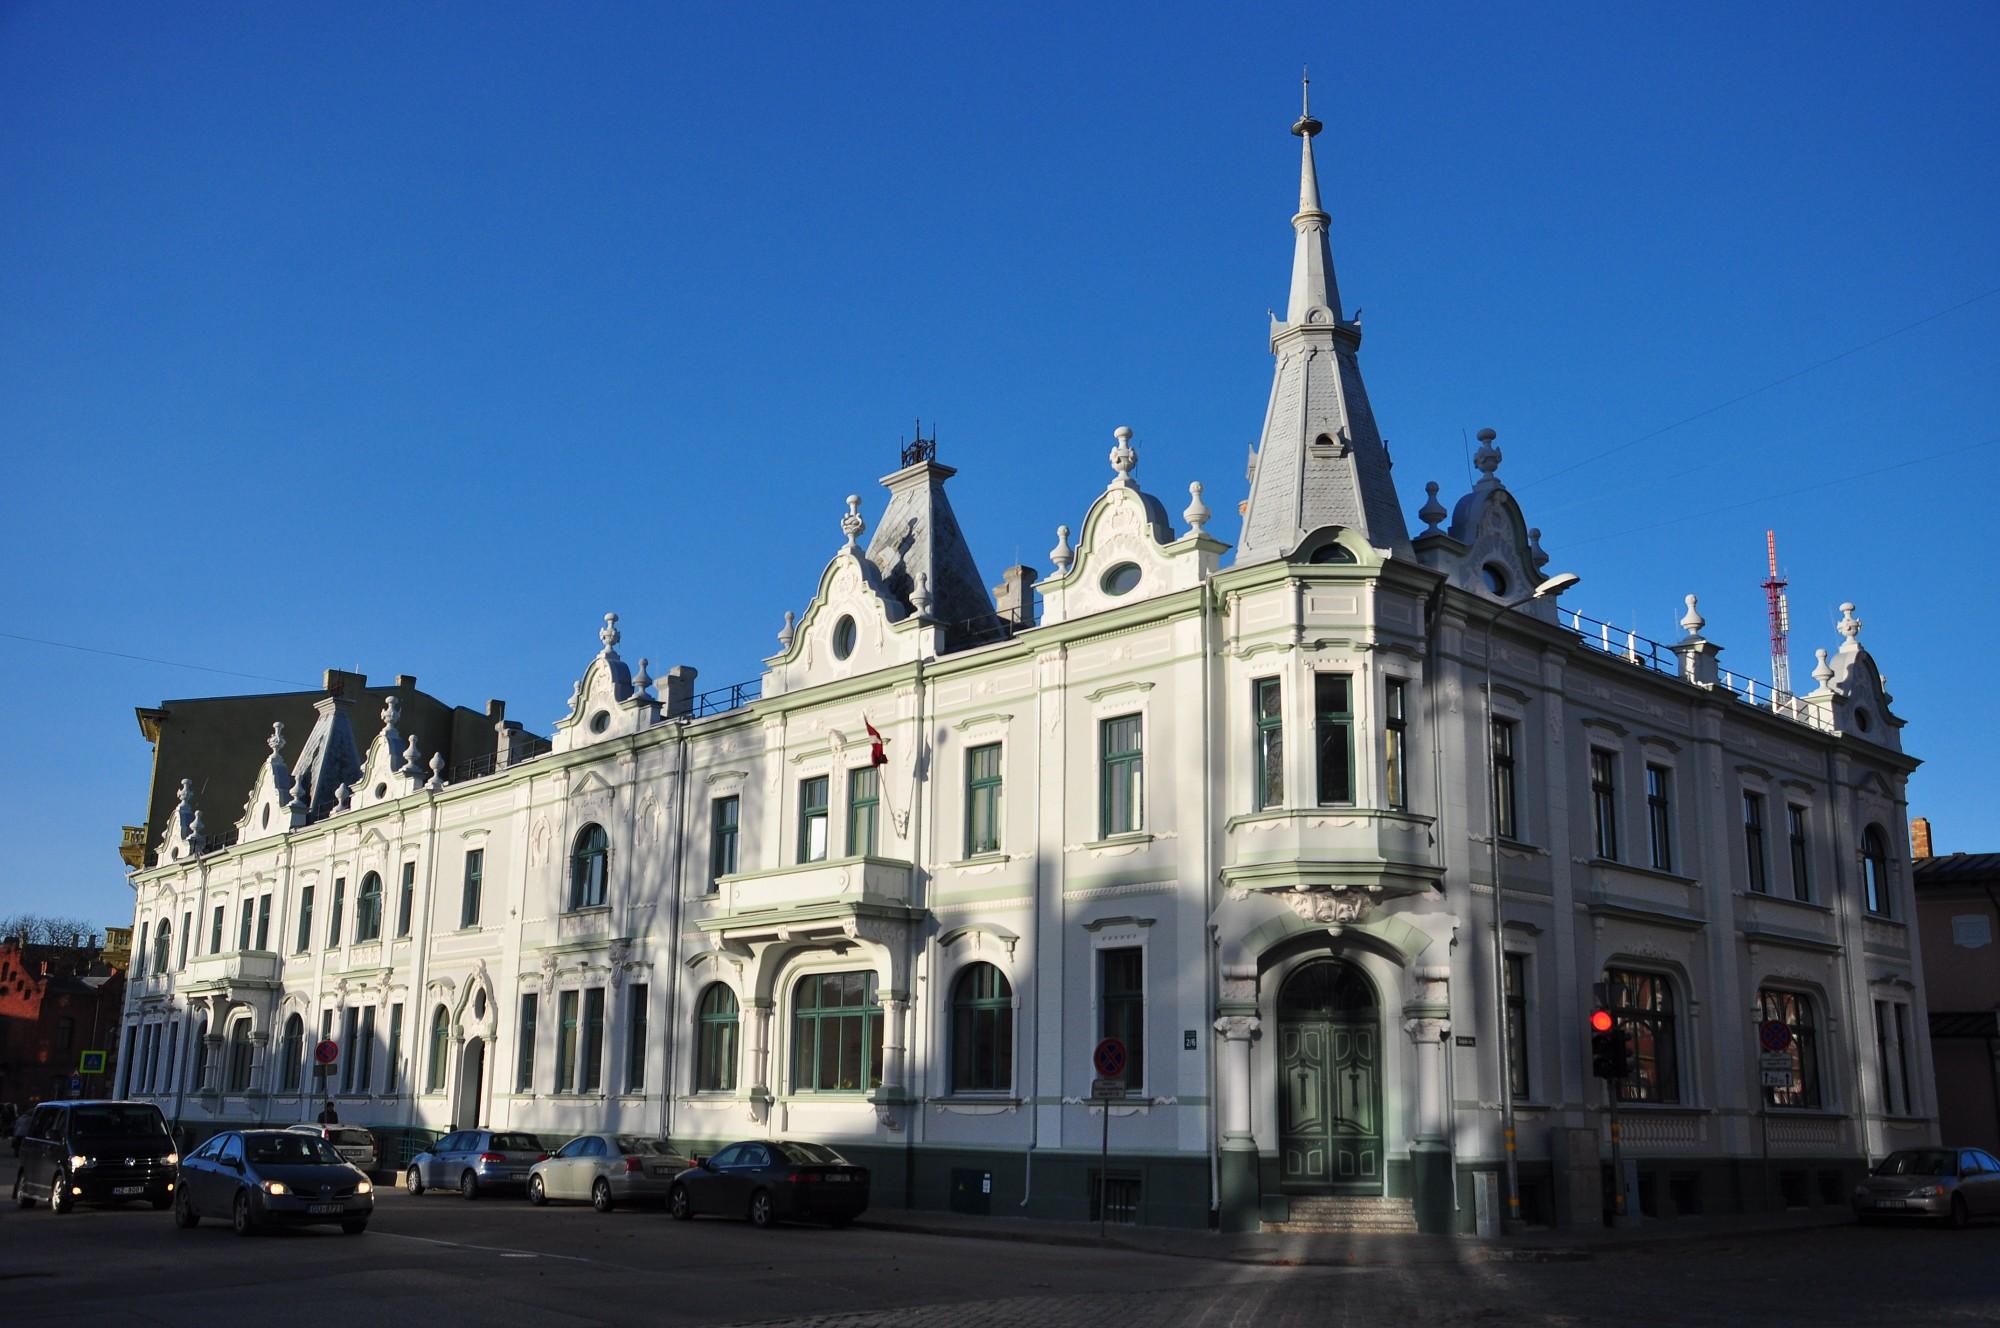 Kurzemes apgabaltiesā darbu sāks jauns tiesnesis